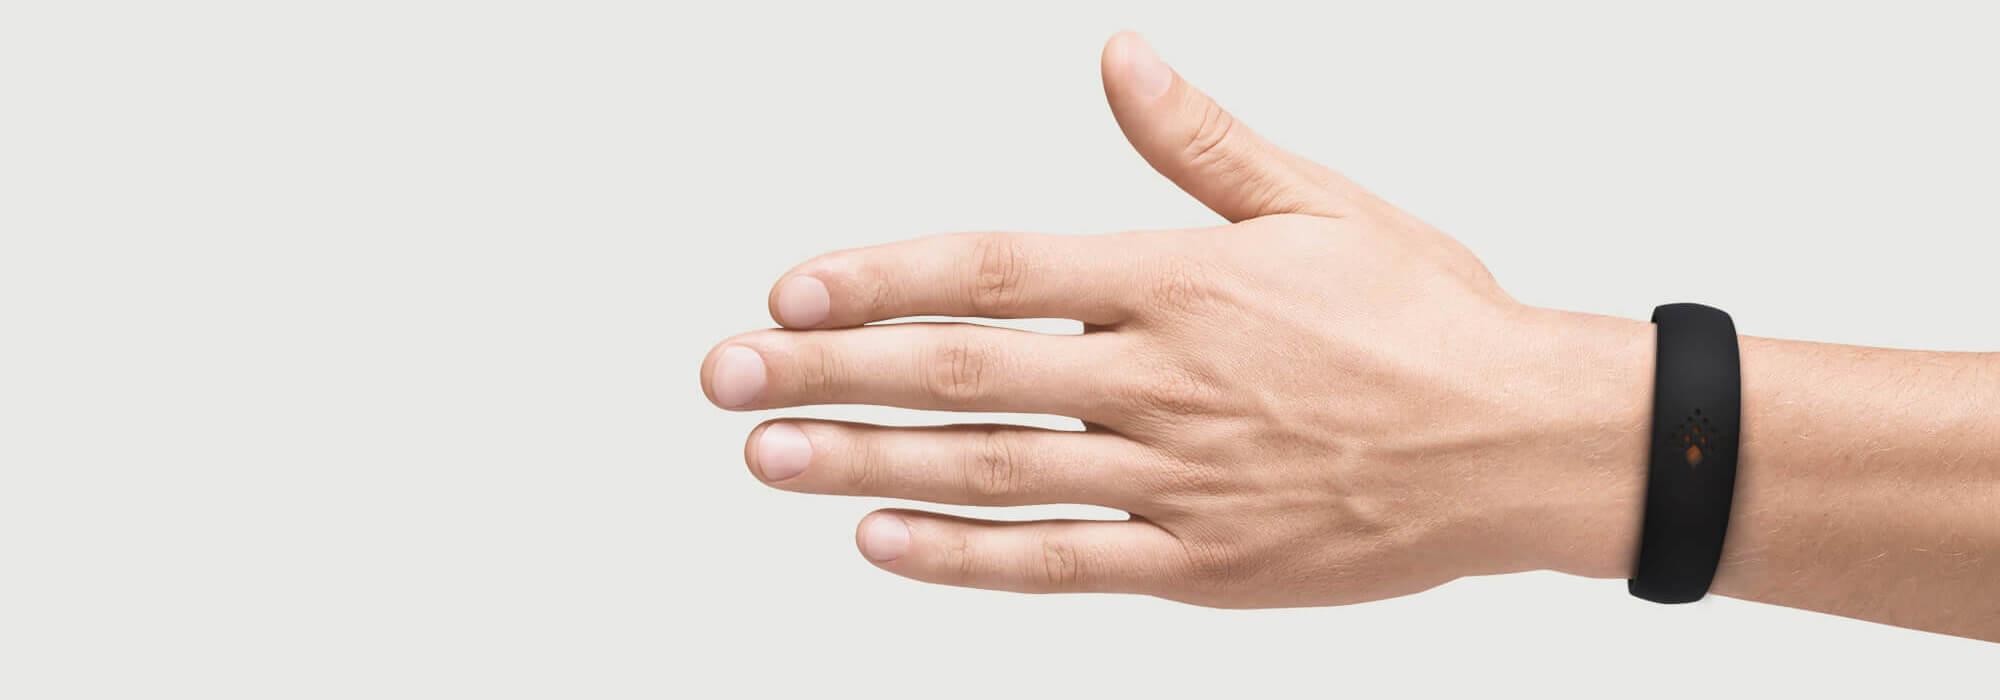 Melna AMBRIO aproce uz vīrieša rokas